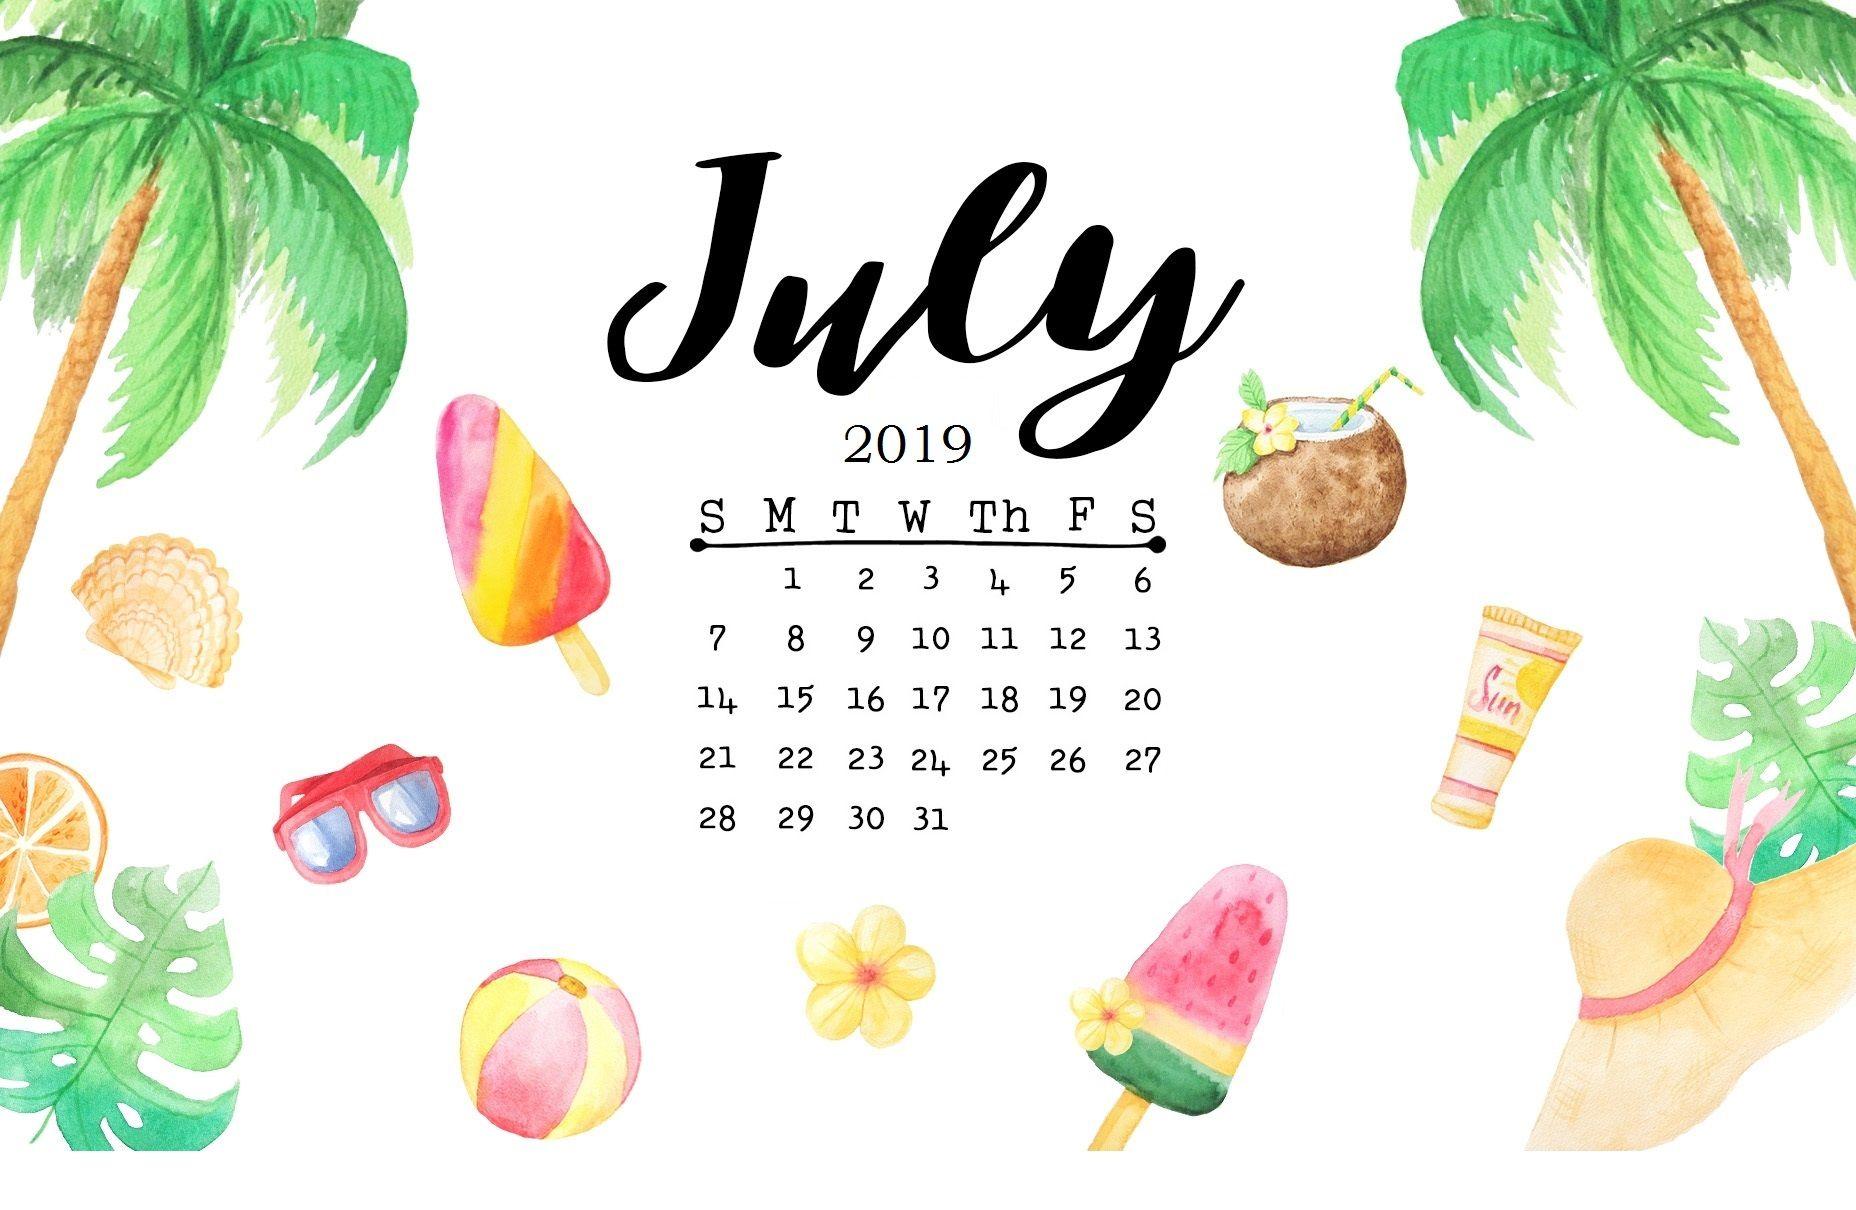 Cute July 2019 Calendar Wallpaper Calendar Wallpaper Floral Background Calendar Background